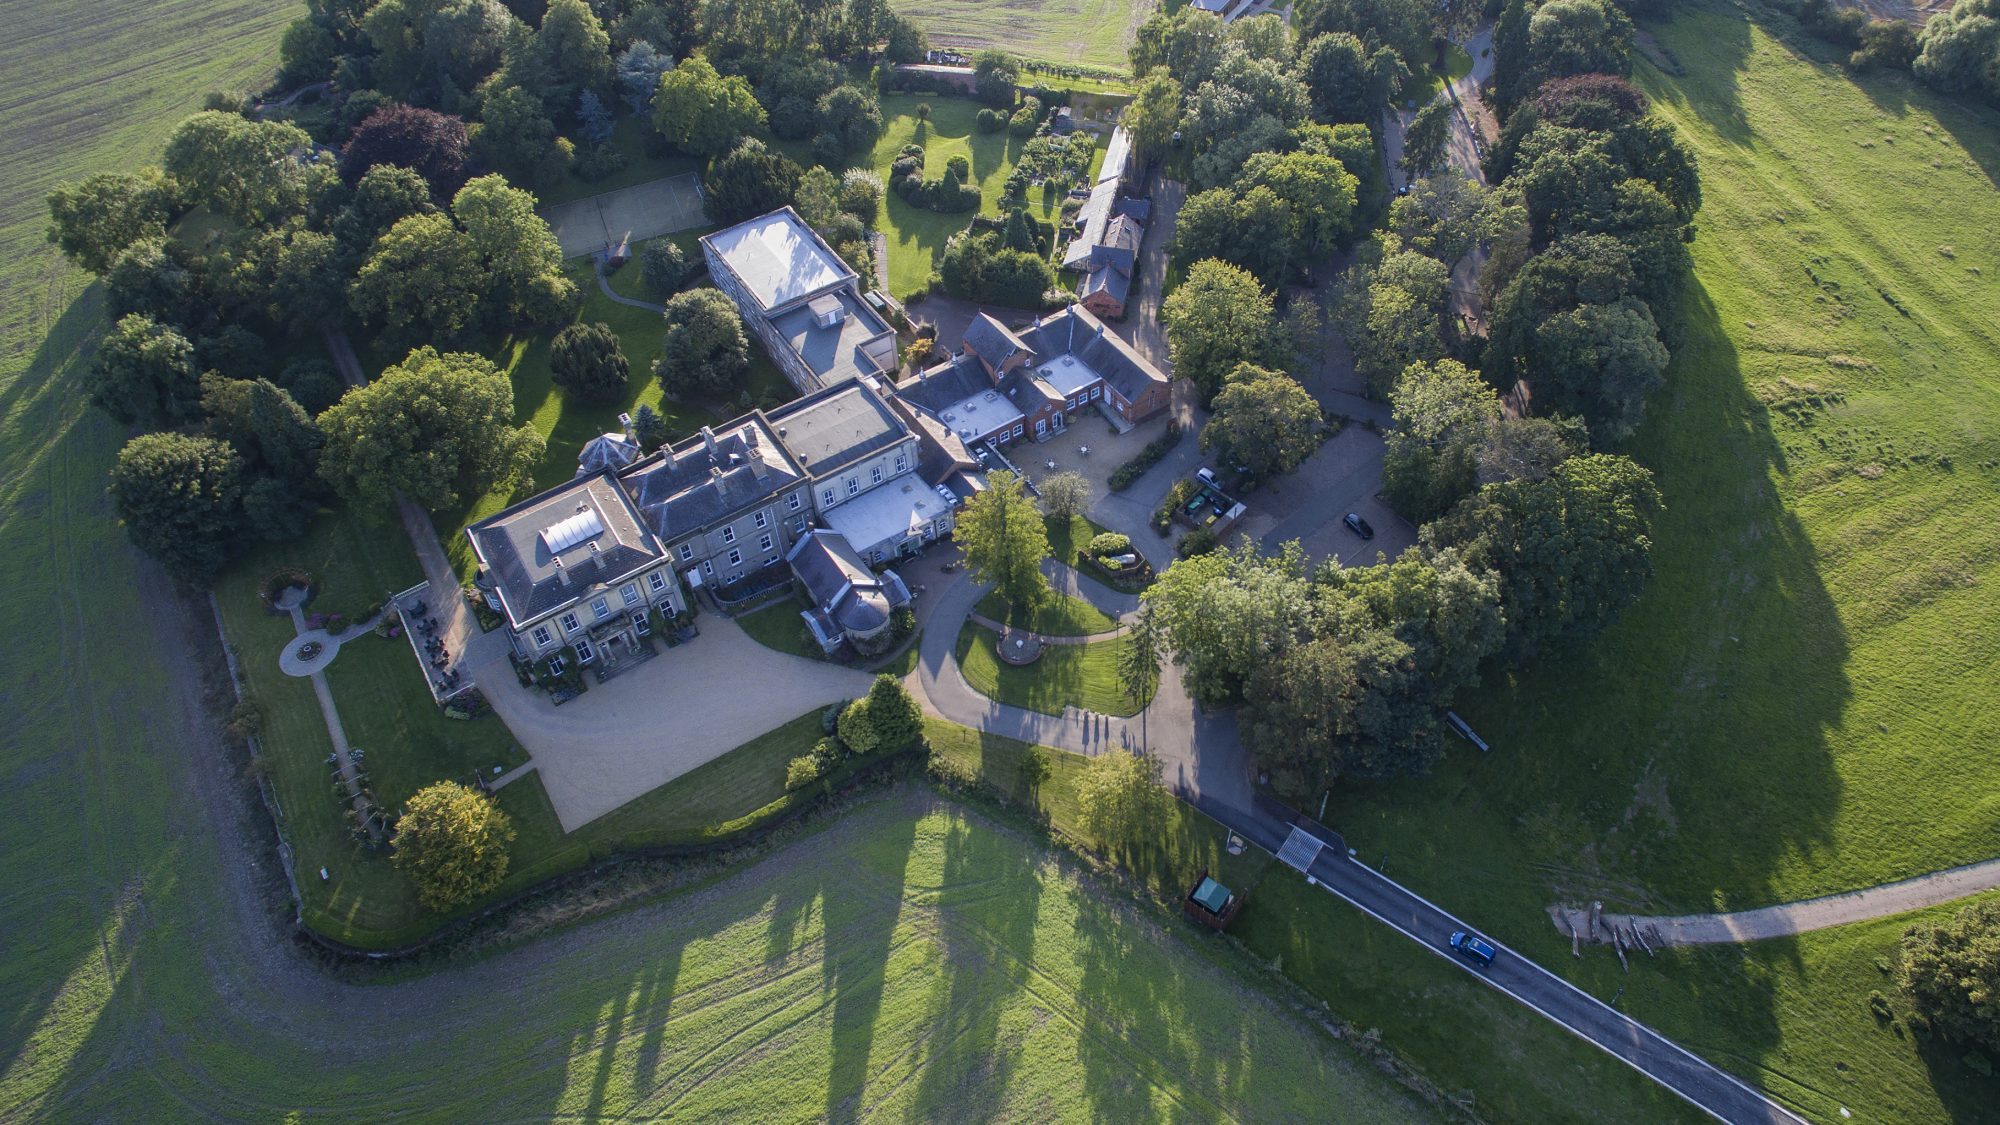 Aerial image of Hothorpe Venues